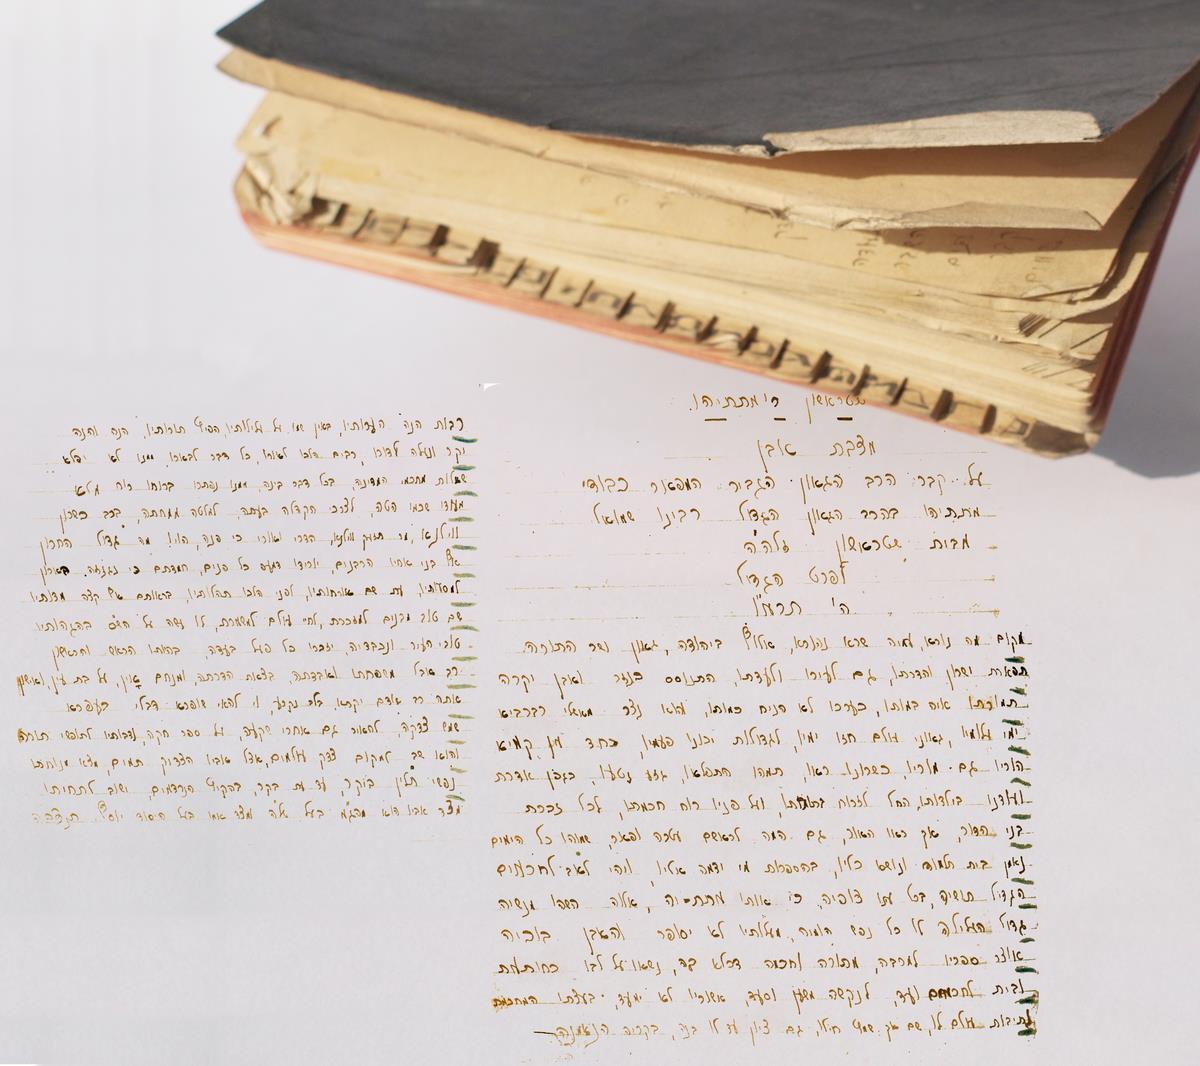 Mato Strašuno epitafija nacių reikalavimu surašytame Vilniaus Šnipiškio žydų kapinių epitafijų sąraše.